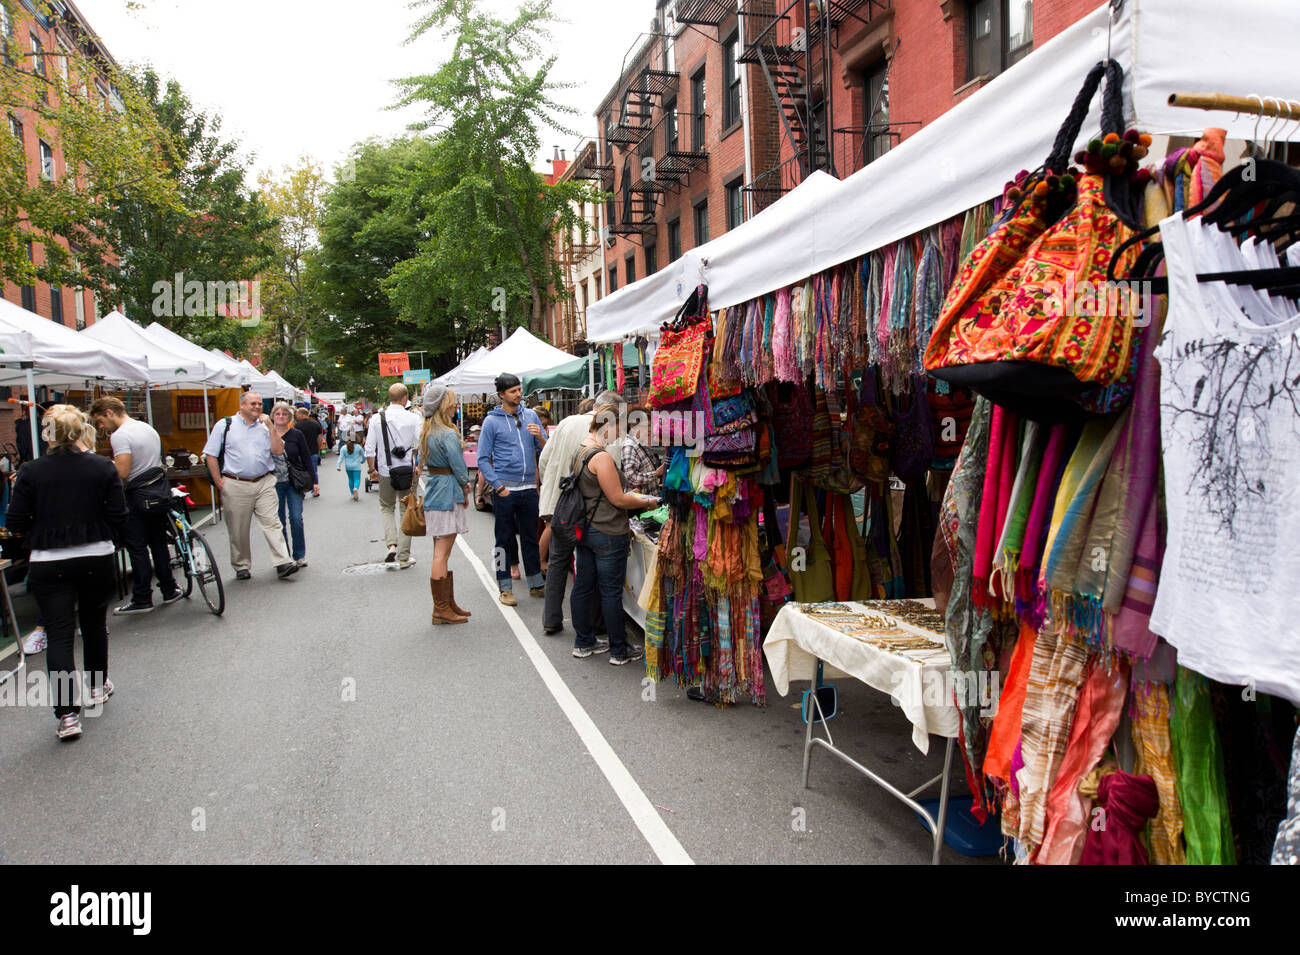 Week-end street market sur Bleecker Street à Greenwich Village, New York City, USA Photo Stock